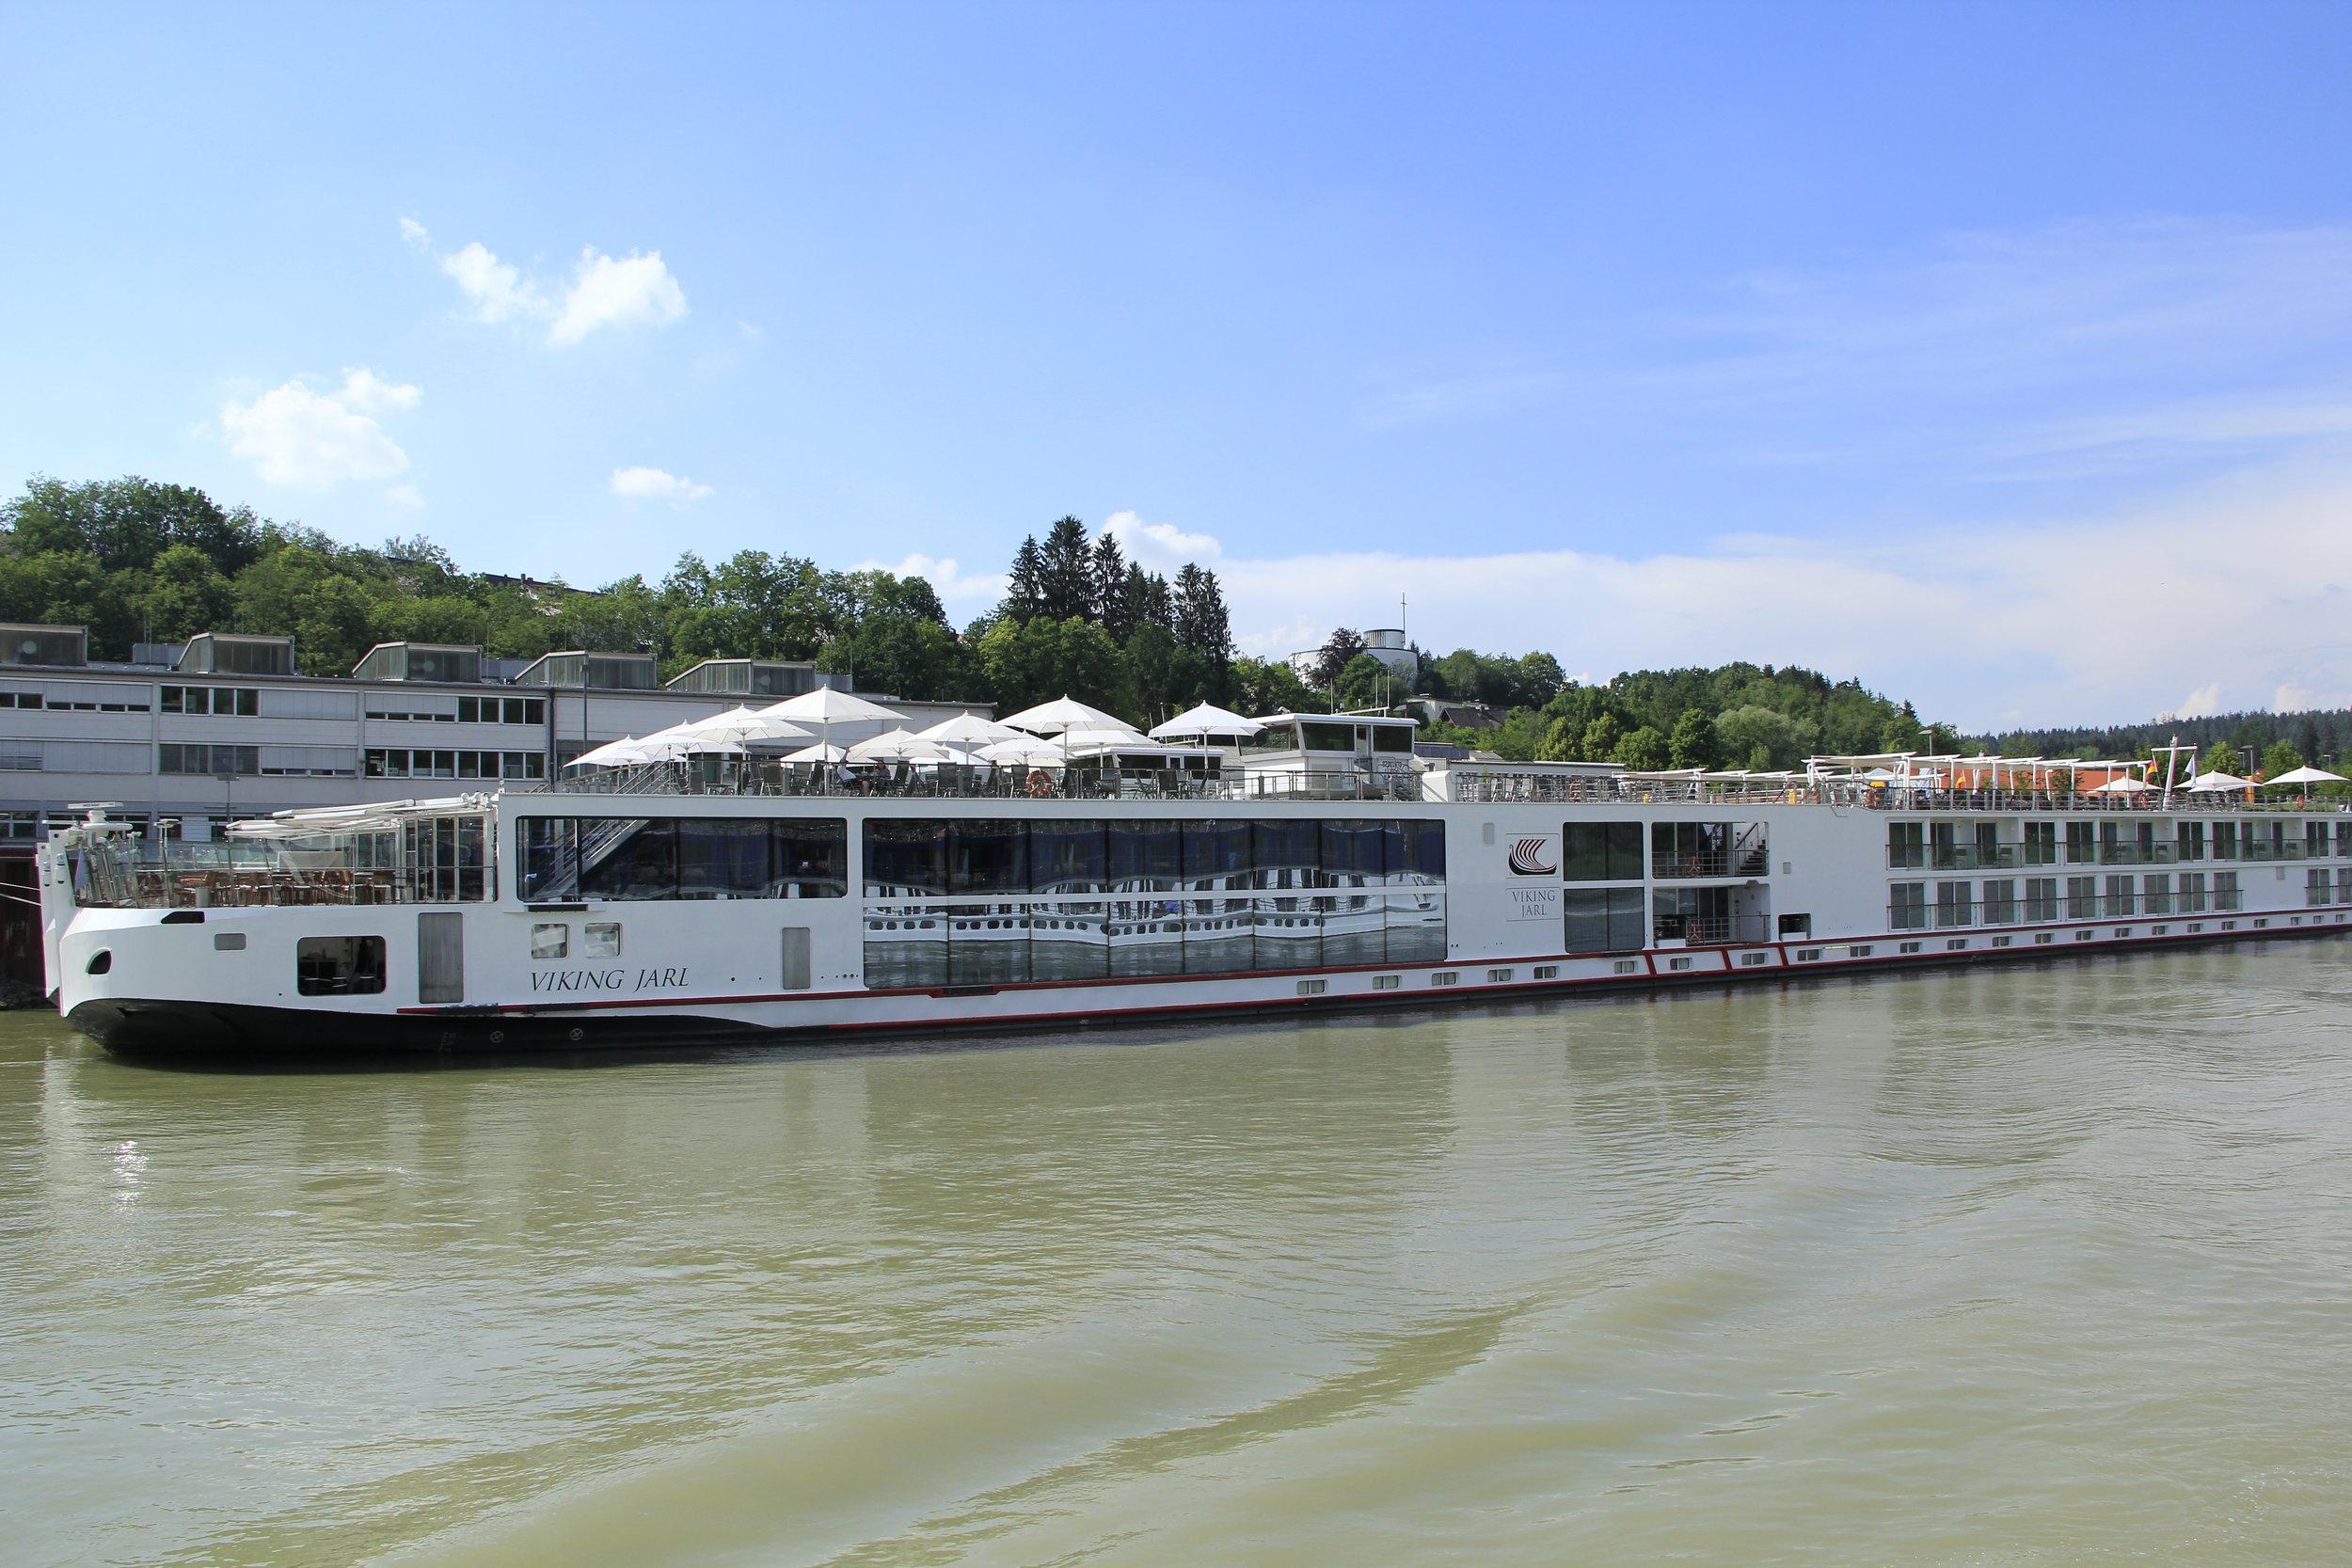 The Viking Jarl in port in Regensburg, Germany